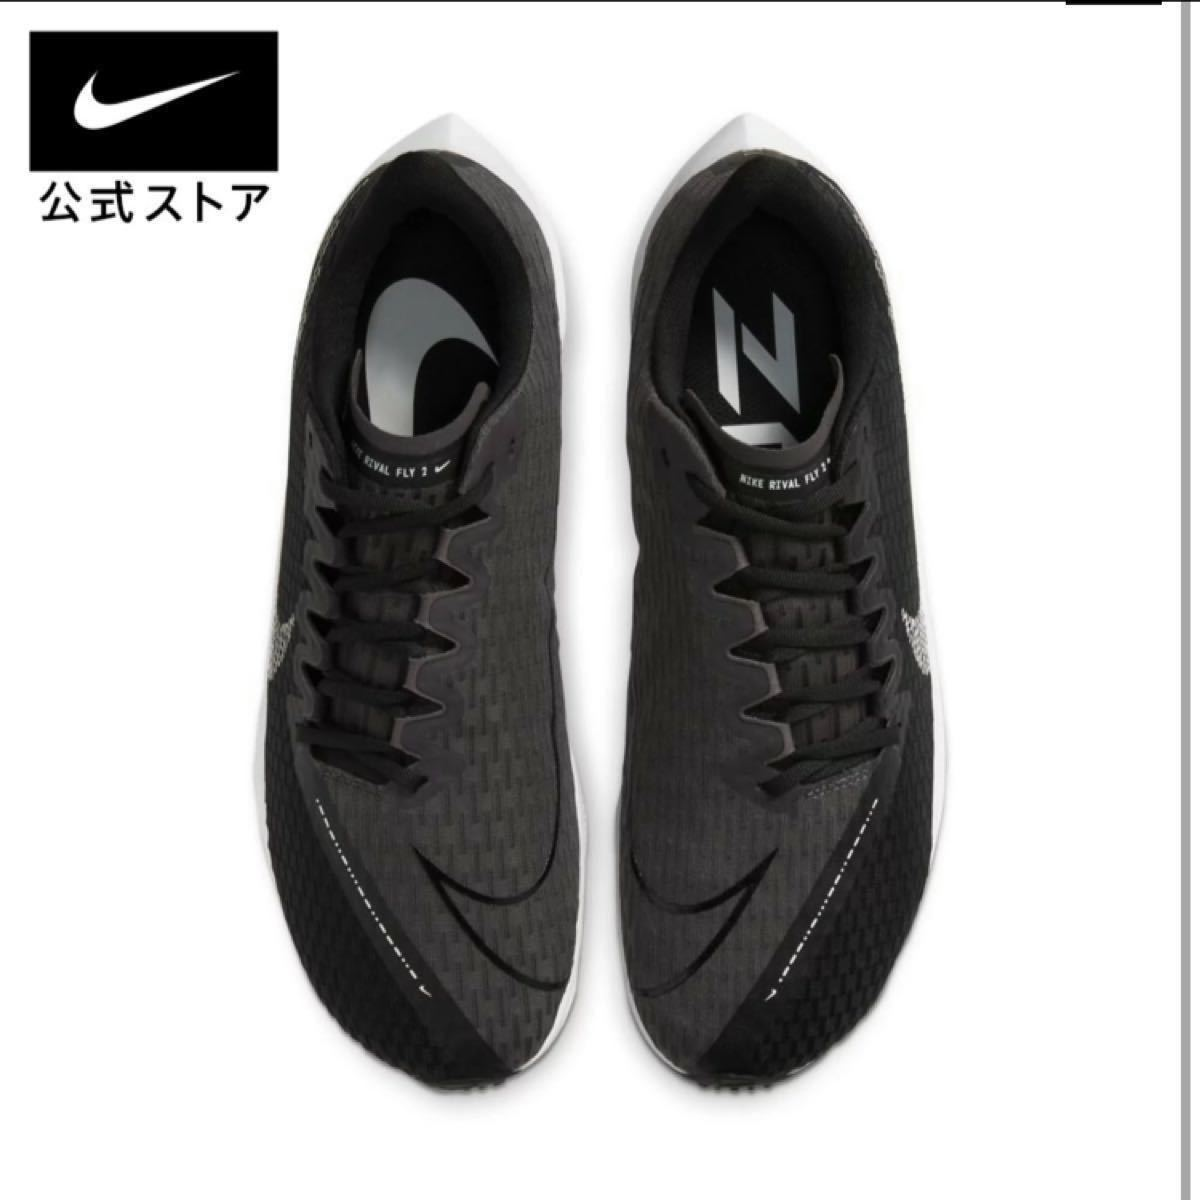 セール!新品 ナイキ ズーム ライバル フライ 2 メンズ ランニングシューズ ブラック 黒 27.5cm スポーツ ジョギング